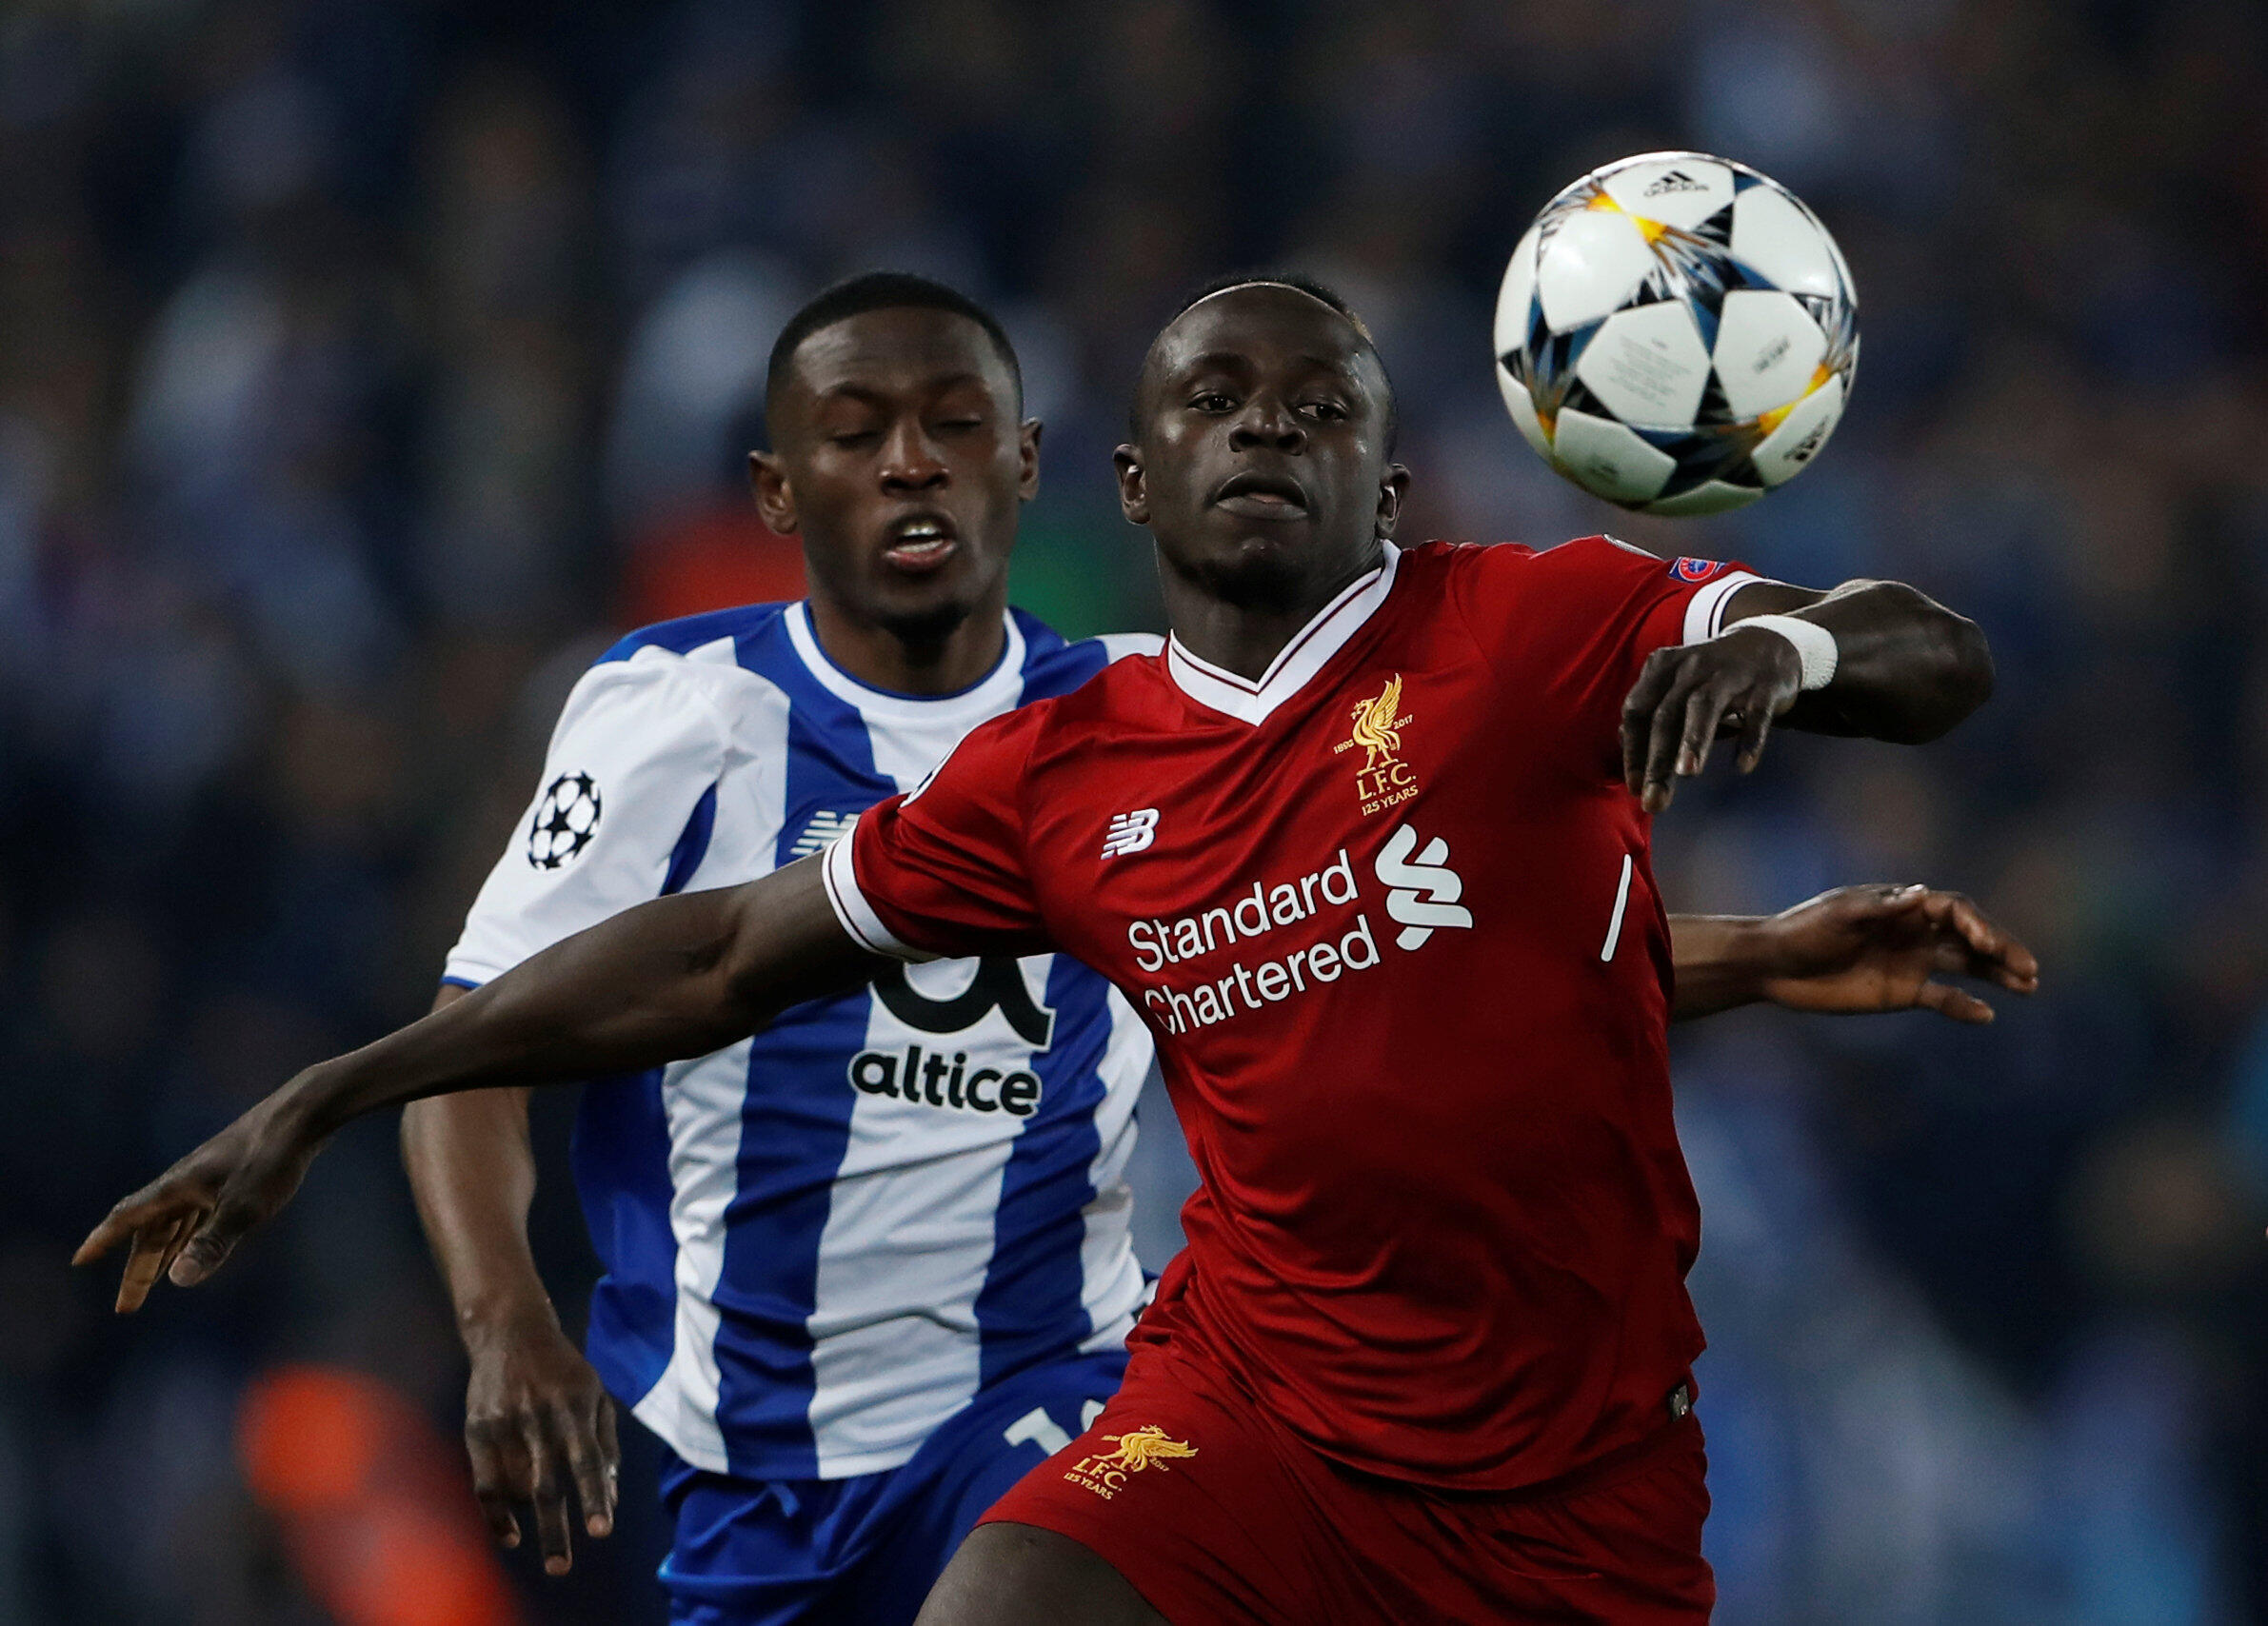 L'international sénégalais Sadio Mané s'est qualifié pour les quarts de finale de la Ligue des champions avec Liverpool.